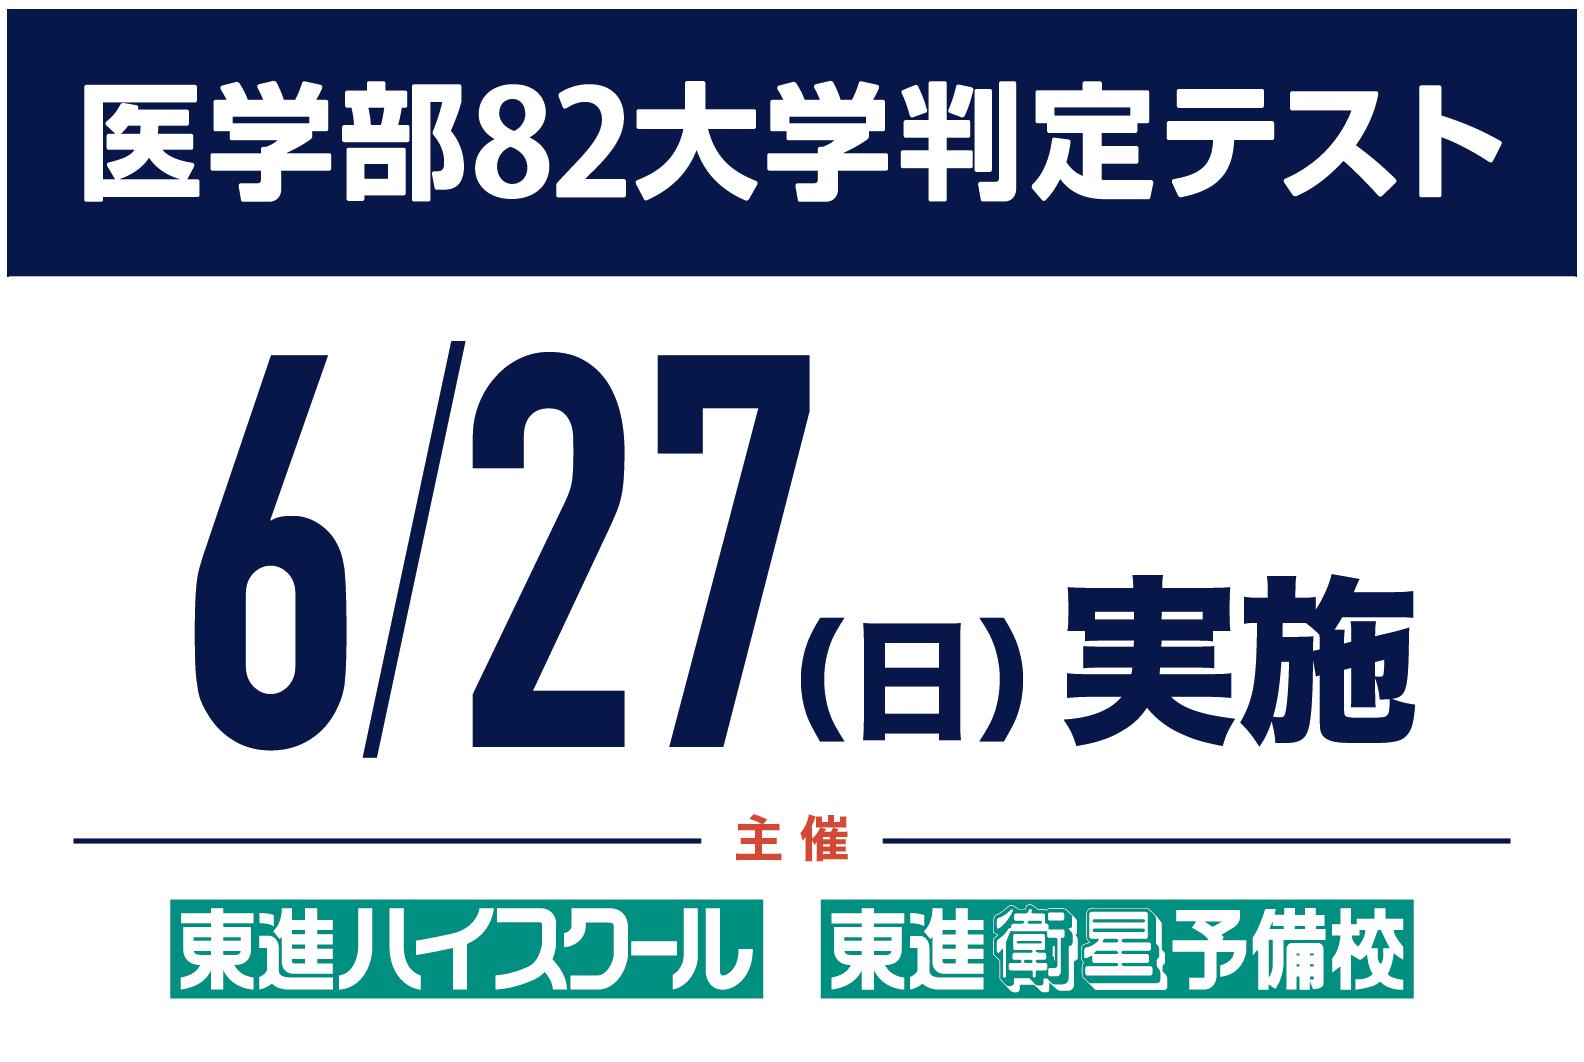 82大学判定テスト